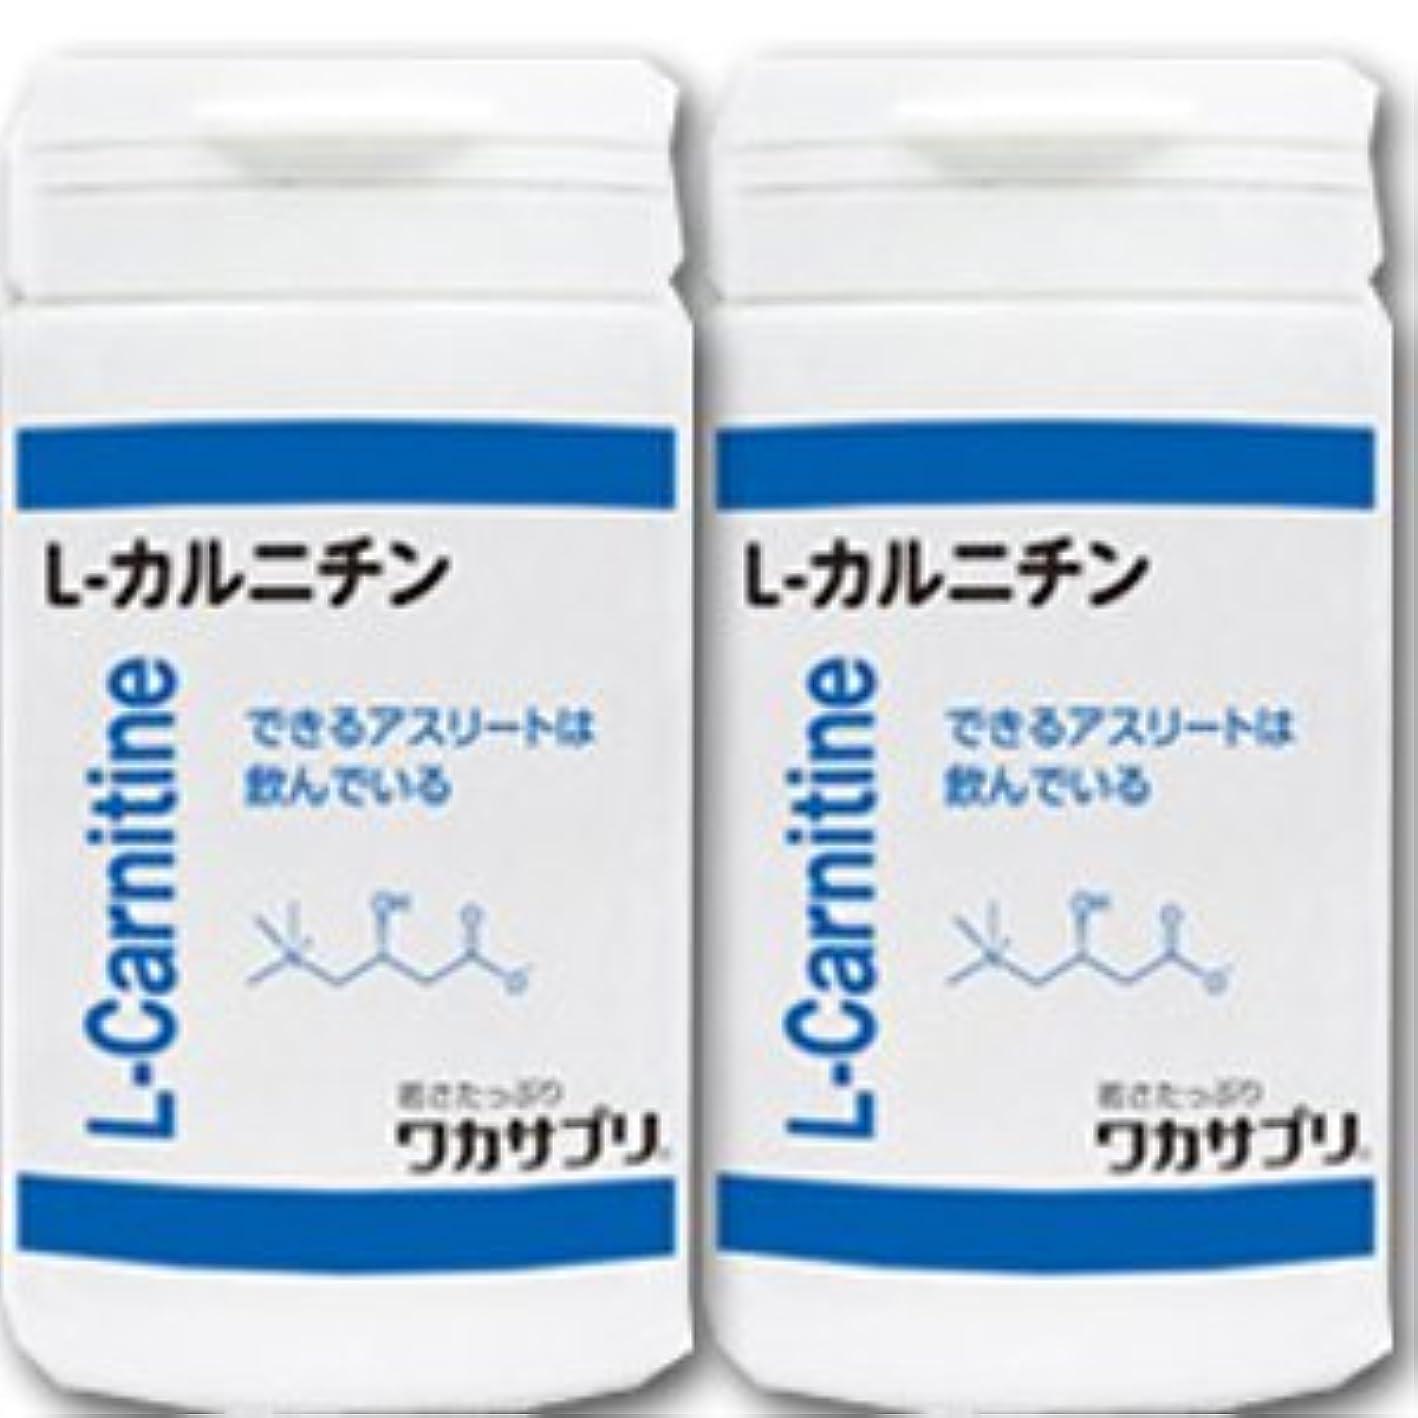 巨人憤る証明【2個】 ワカサプリ L-カルニチン 60粒x2個(4562137413703)